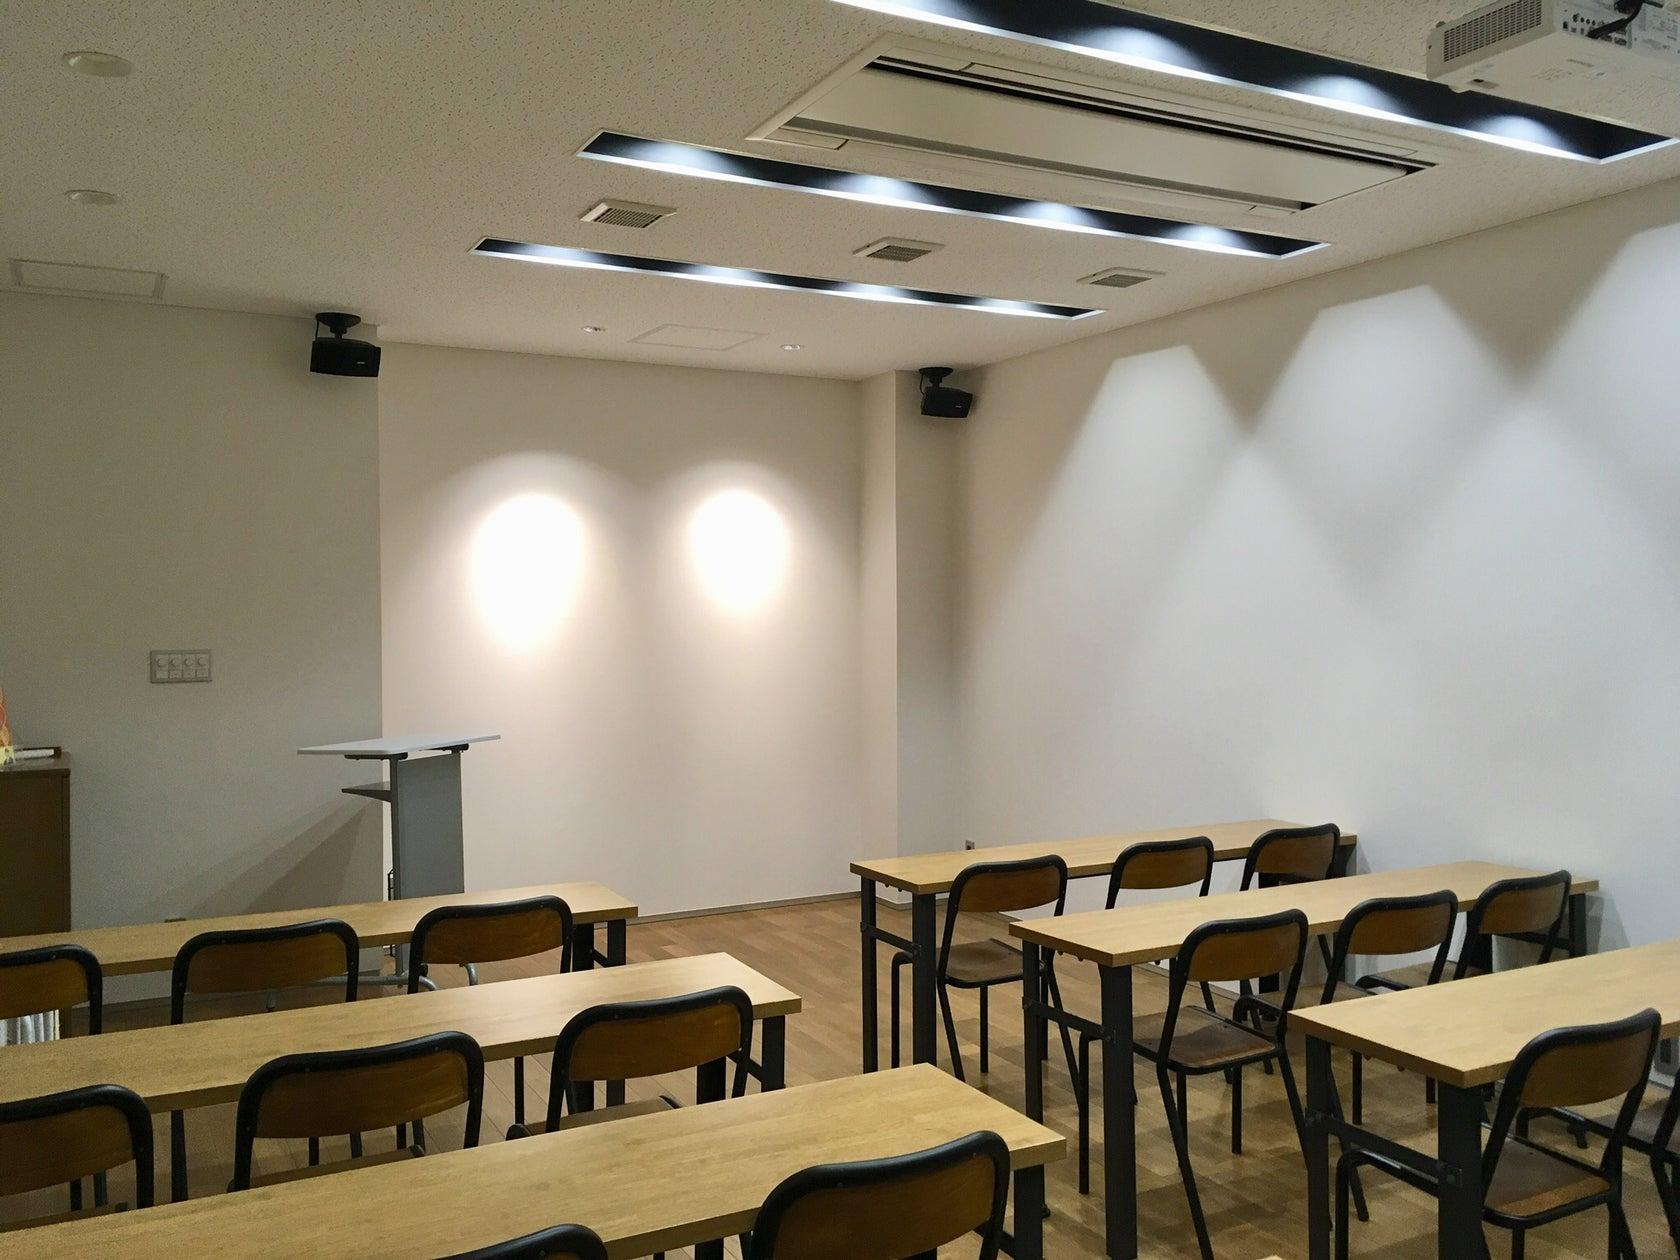 【SKセミナールーム】プロジェクター音響完備 着席30人会議,研修,お稽古に!(SKセミナールーム) の写真0